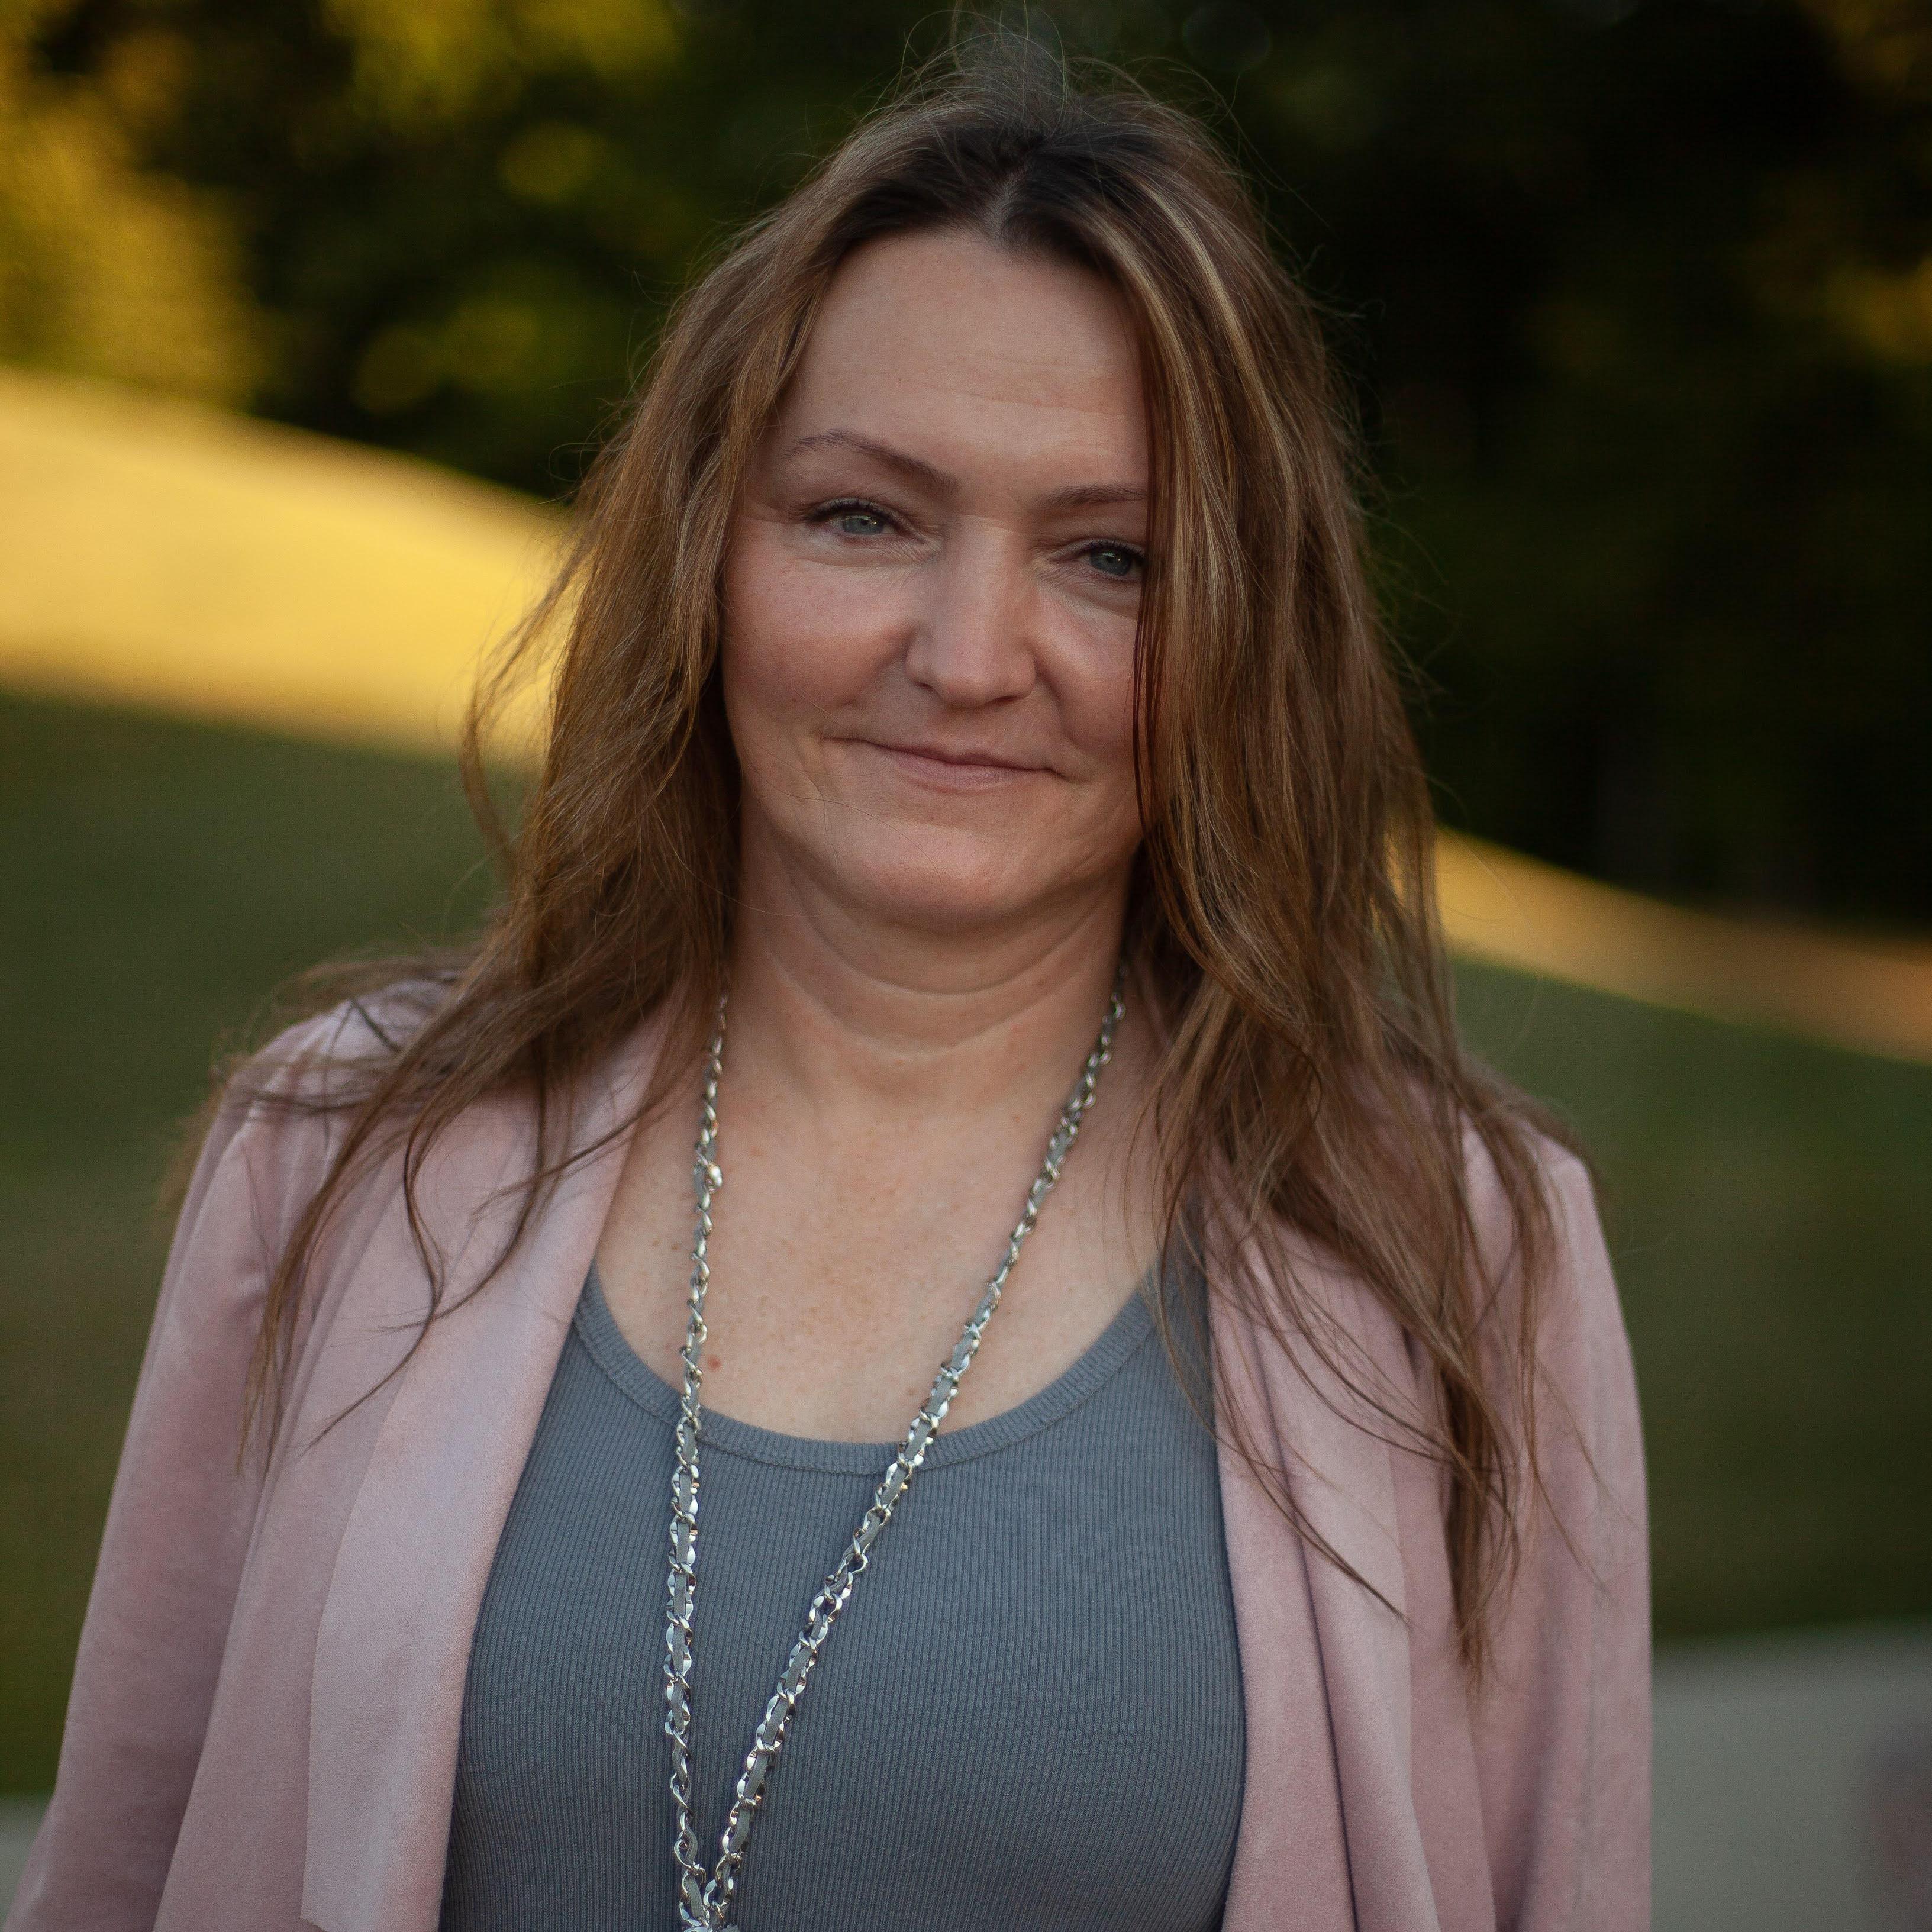 Ines Oldenburg's Profile Photo